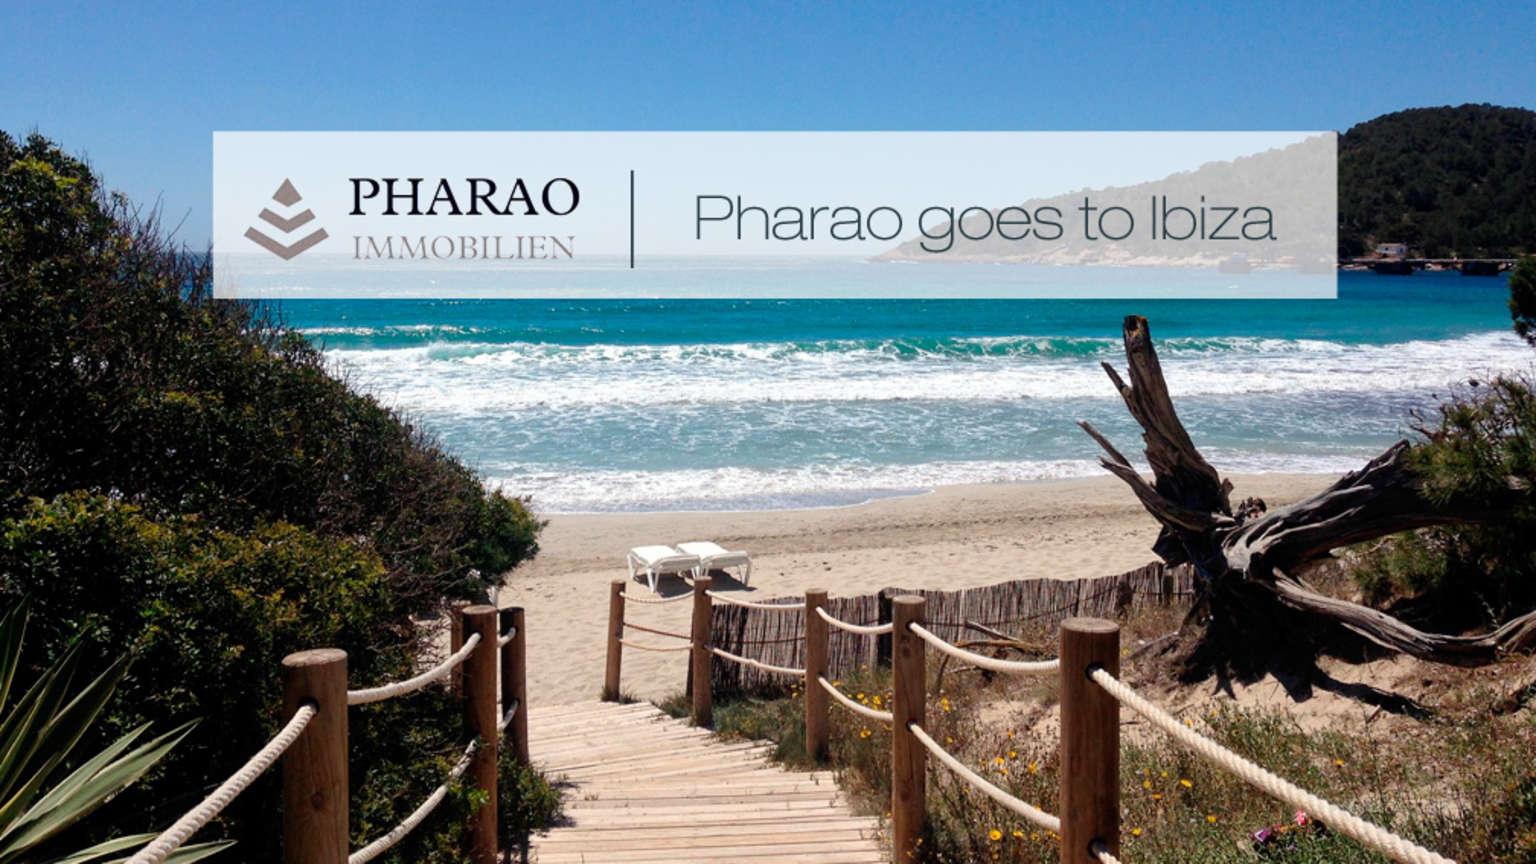 Pharao Immobilien vergrößert sein Team und eröffnet eine Niederlassung auf Ibiza